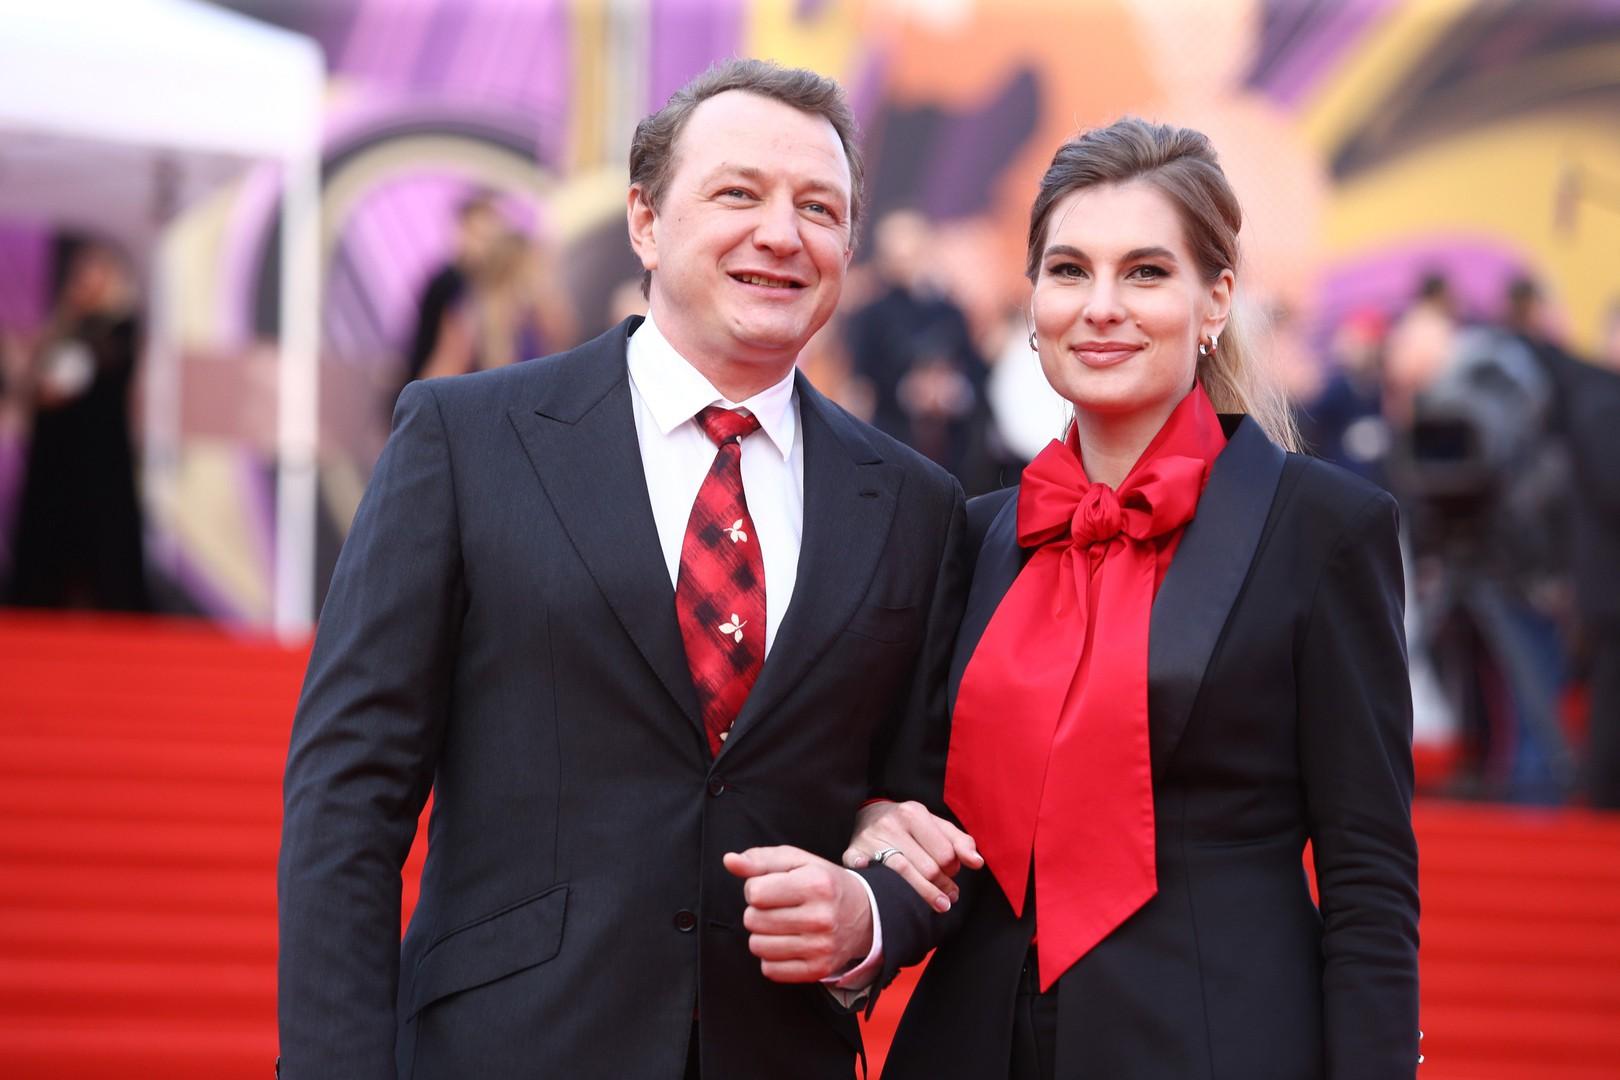 «Битва экстрасенсов» взяток не берет: избивший жену Башаров оправдывает шоу